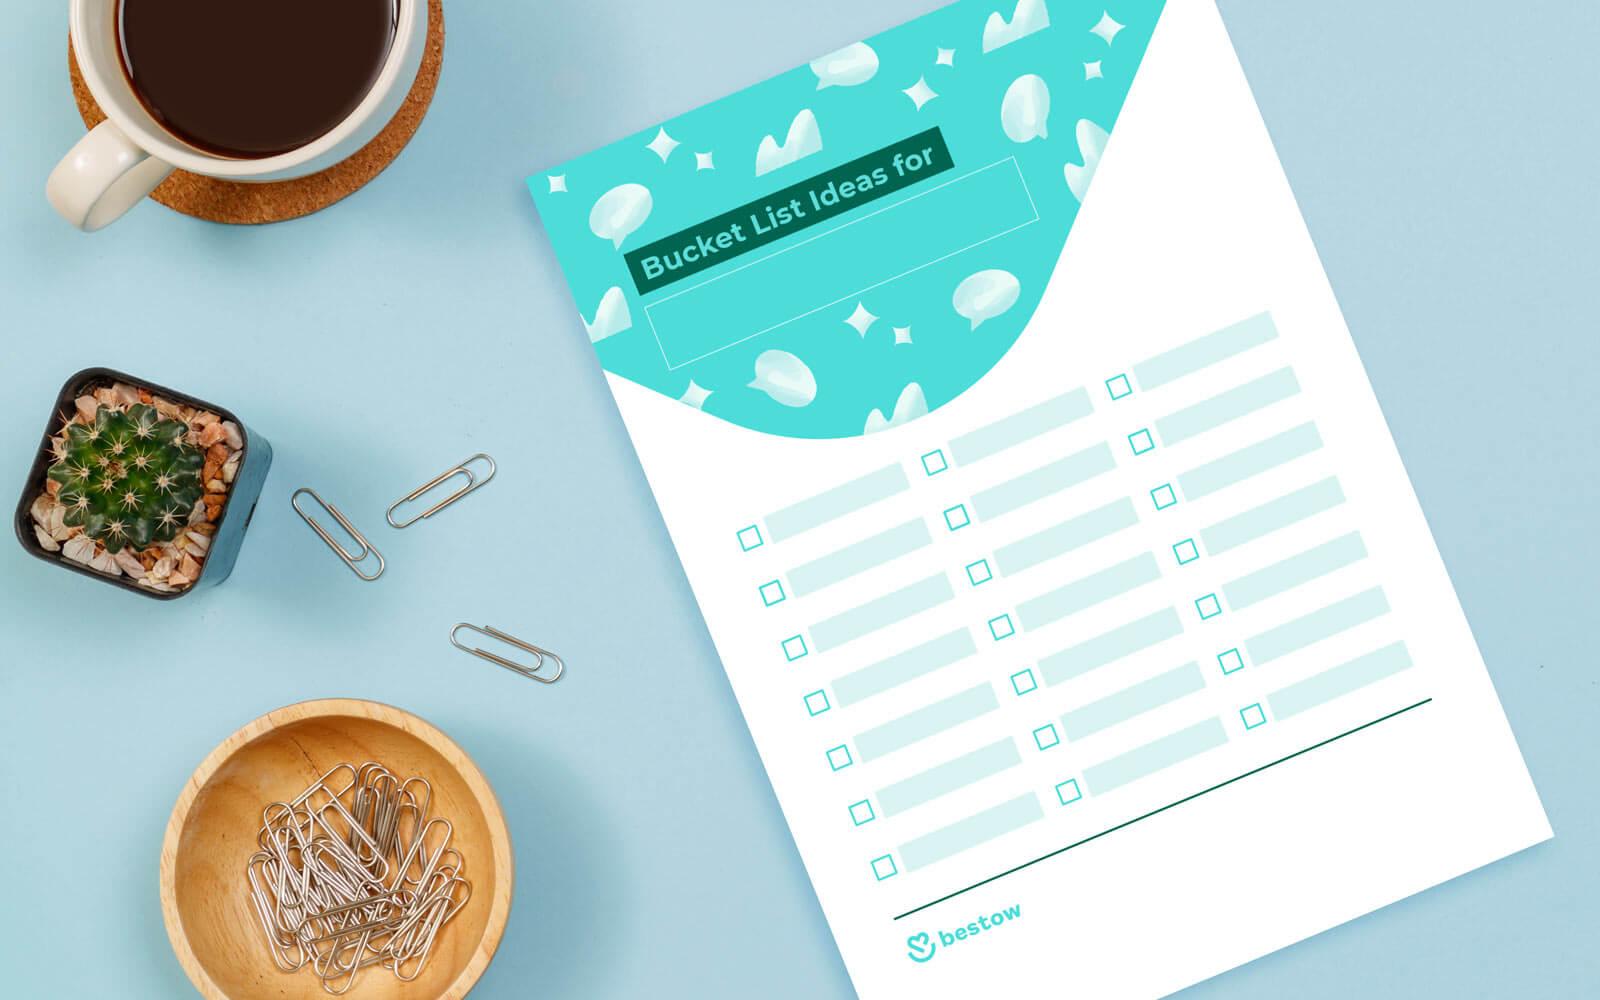 bucket list ideas printable template